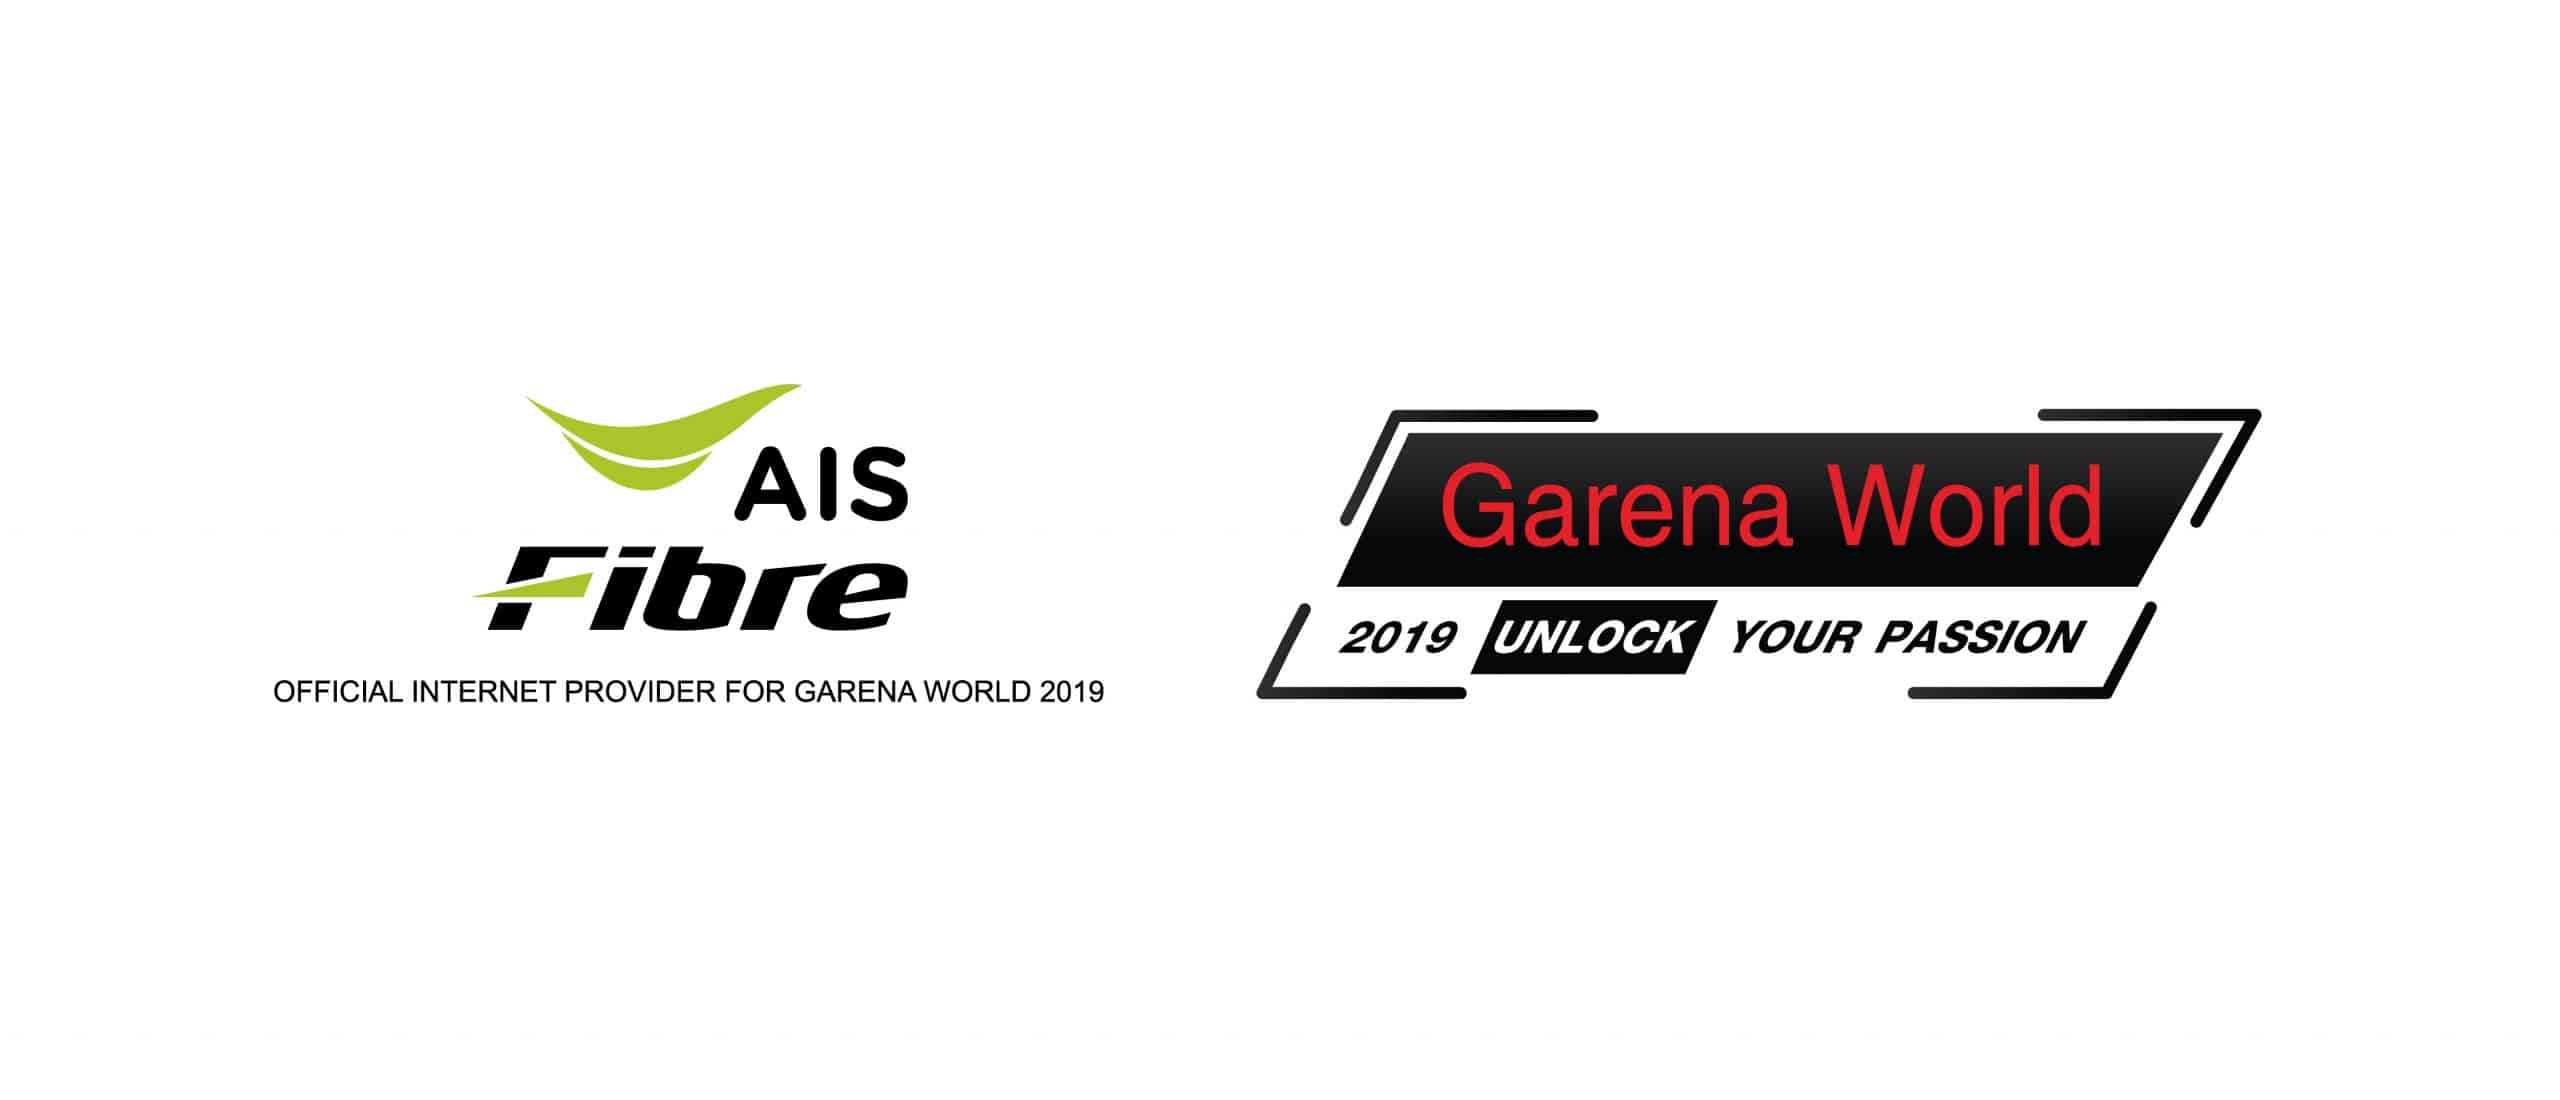 รูป AIS x Garena World 2019 ประกอบเนื้อหา AIS Fibre จัดเต็ม งาน Garena World 2019 มหกรรมการแข่งขันกีฬาอีสปอร์ตที่ยิ่งใหญ่ที่สุดในเอเชียตะวันออกเฉียงใต้